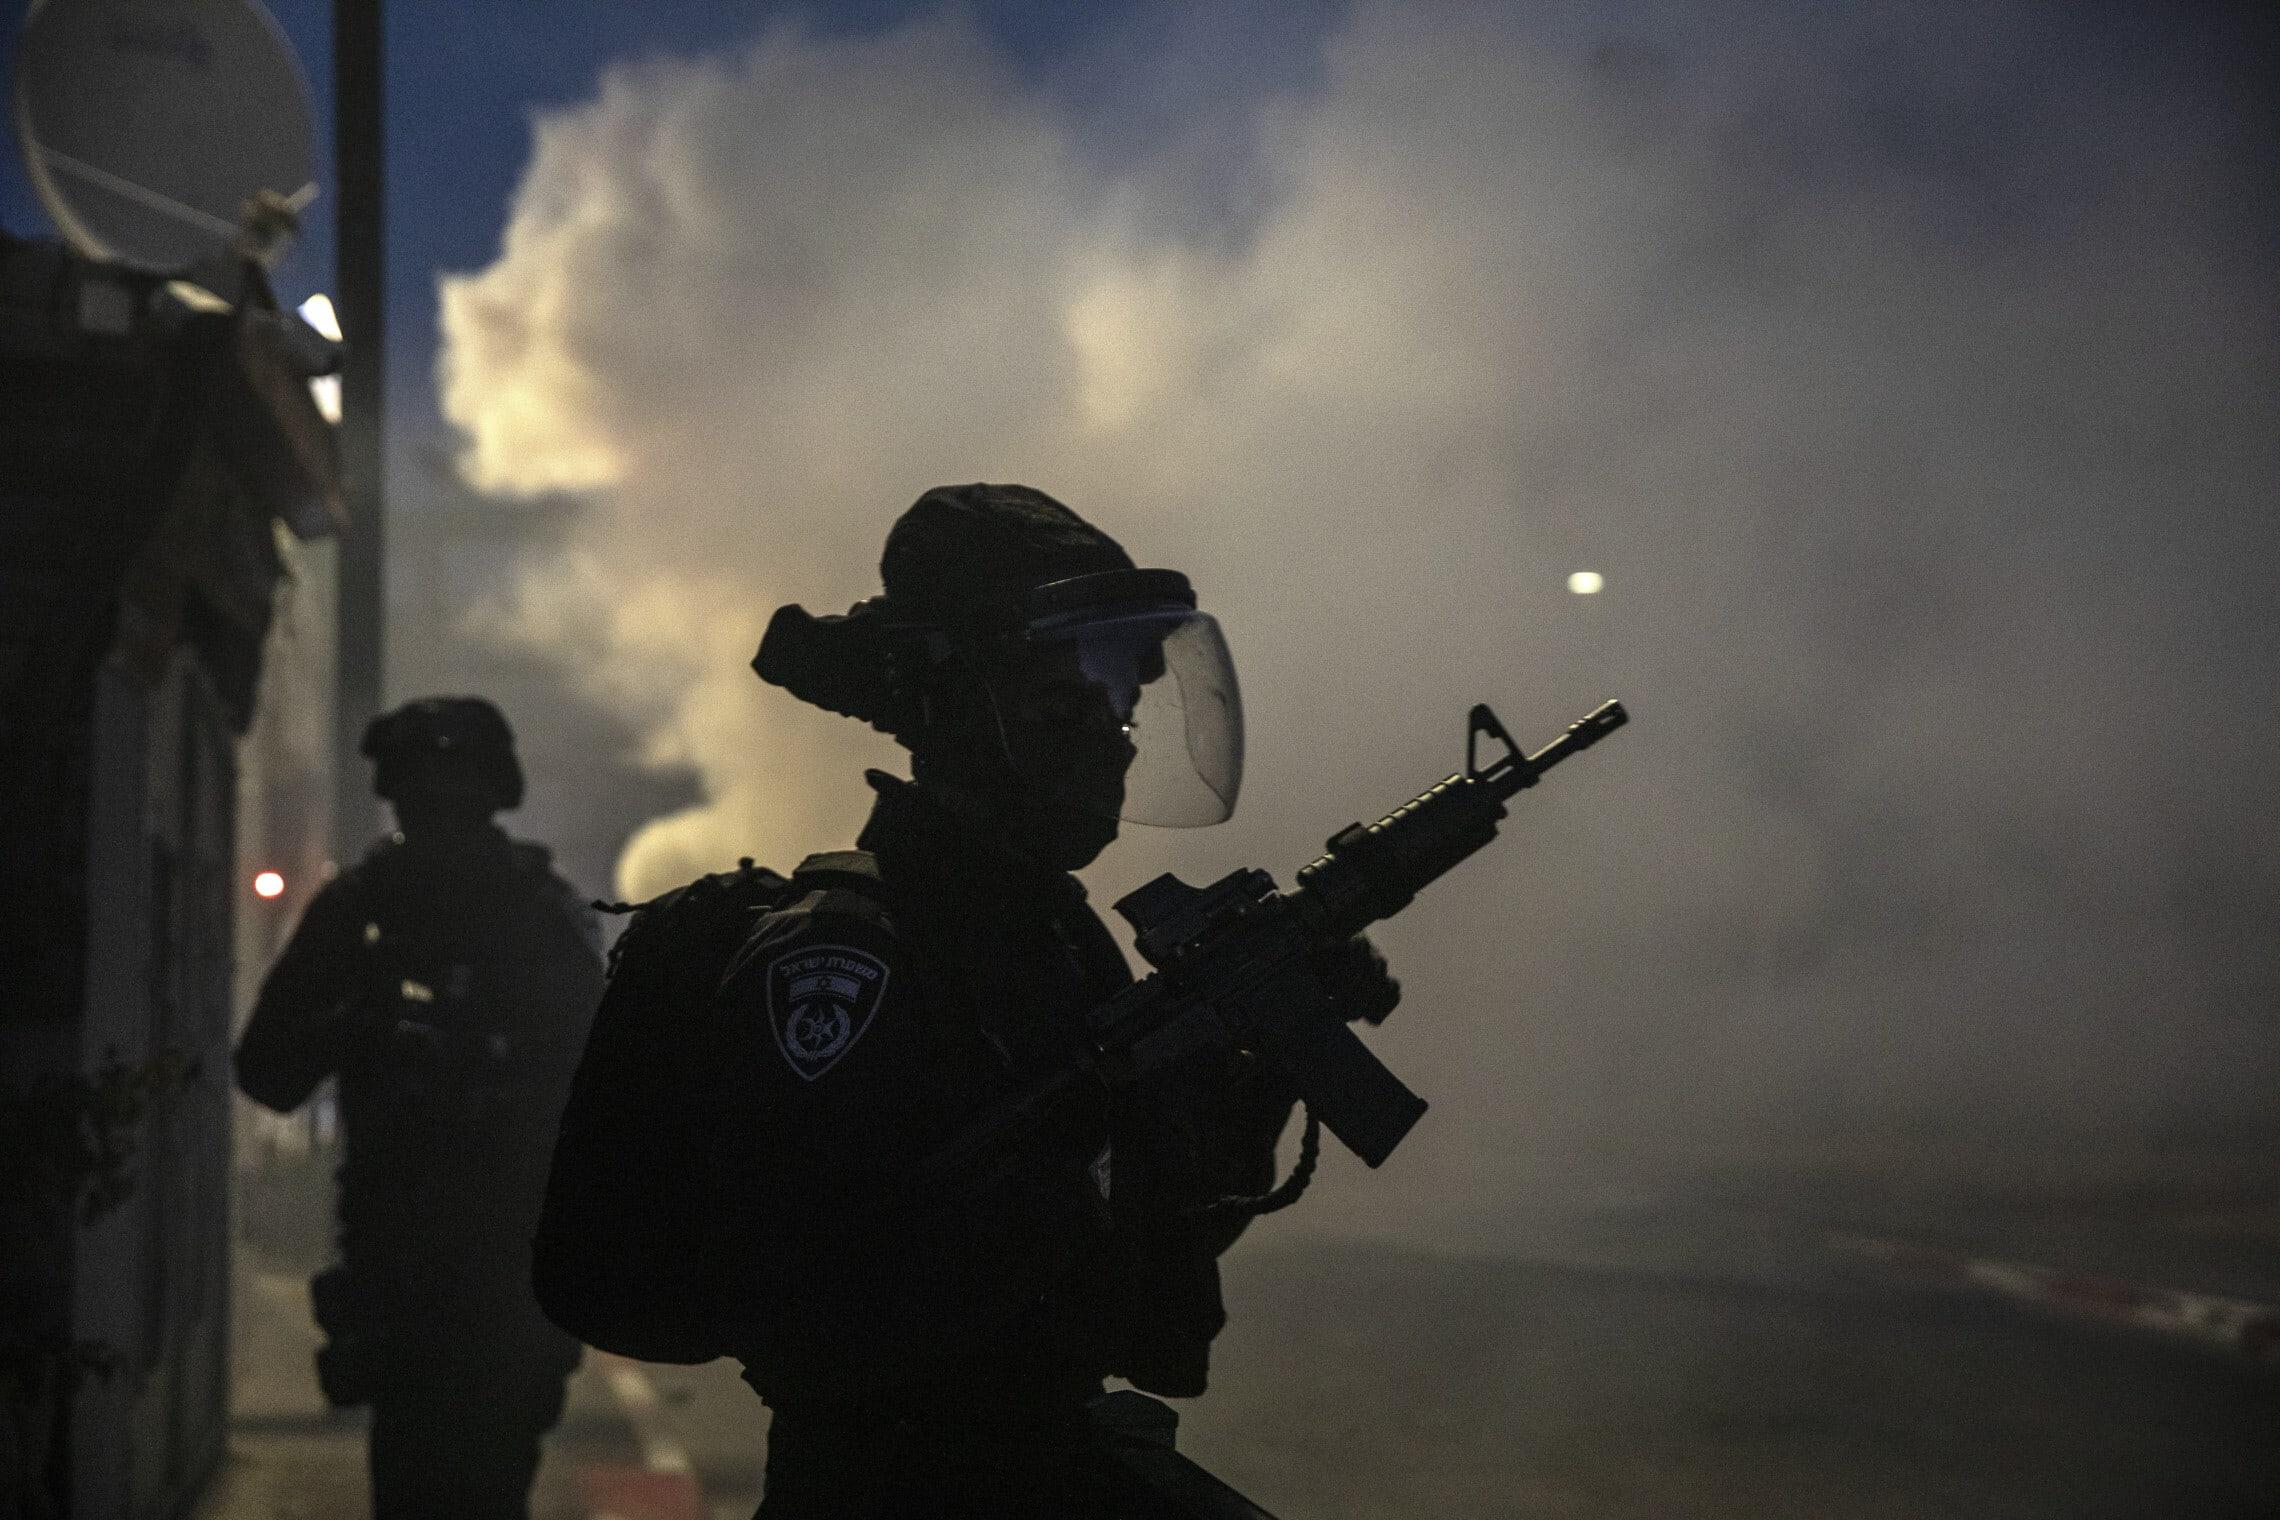 """כוחות מג""""ב בלוד, 11 במאי 2021 (צילום: AP Photo/Heidi Levine)"""